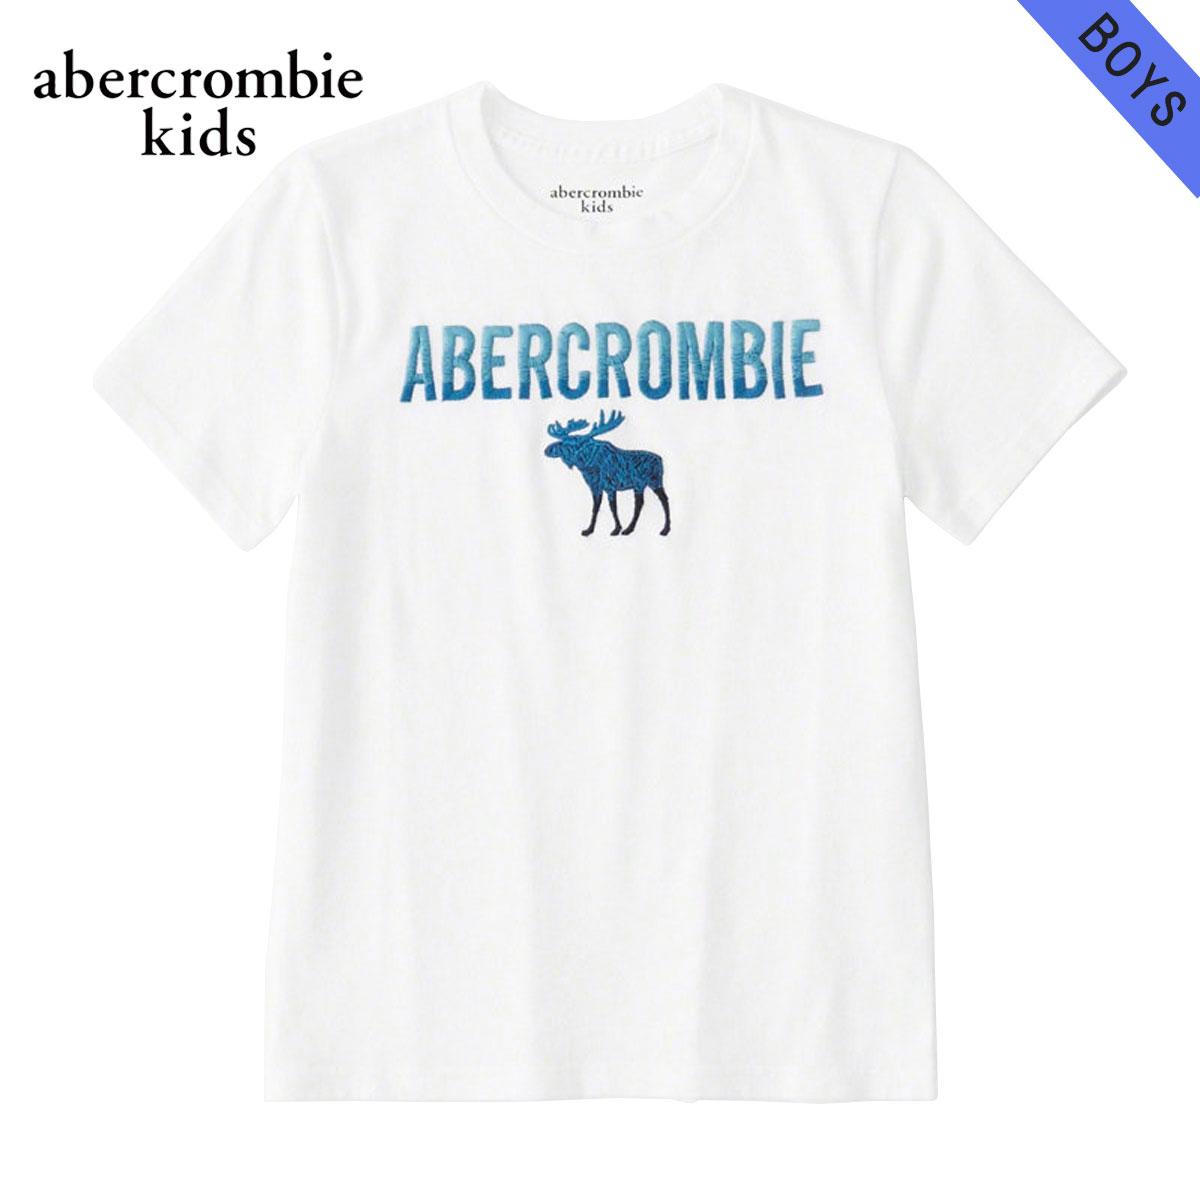 アバクロキッズ AbercrombieKids 正規品 子供服 ボーイズ 半袖Tシャツ logo graphic tee 223-616-0138-001